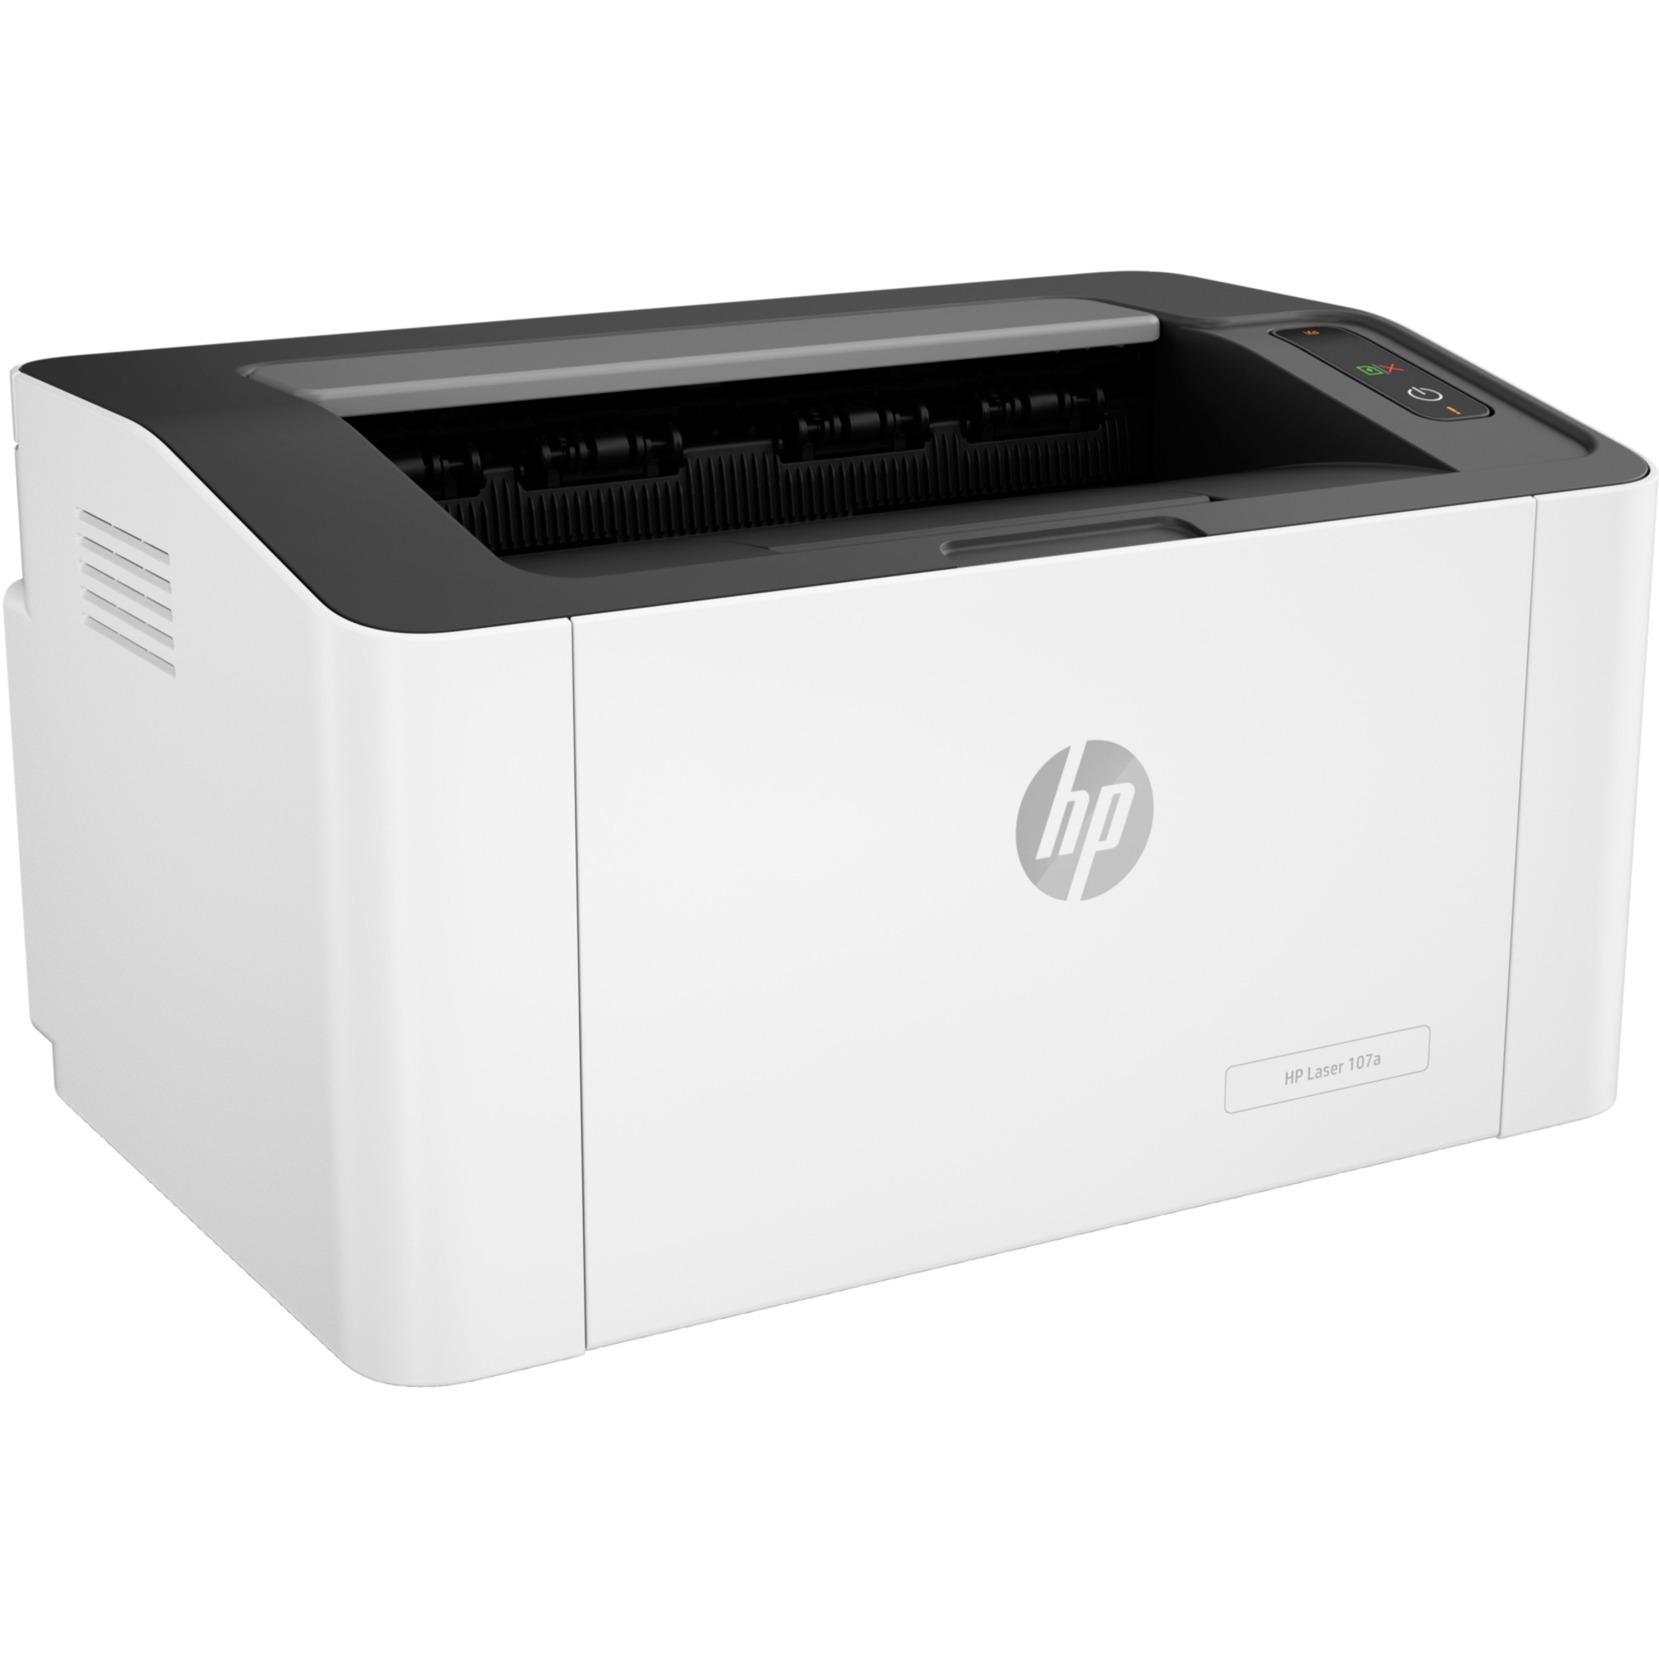 107a 1200 x 1200 DPI A4, Impresora láser